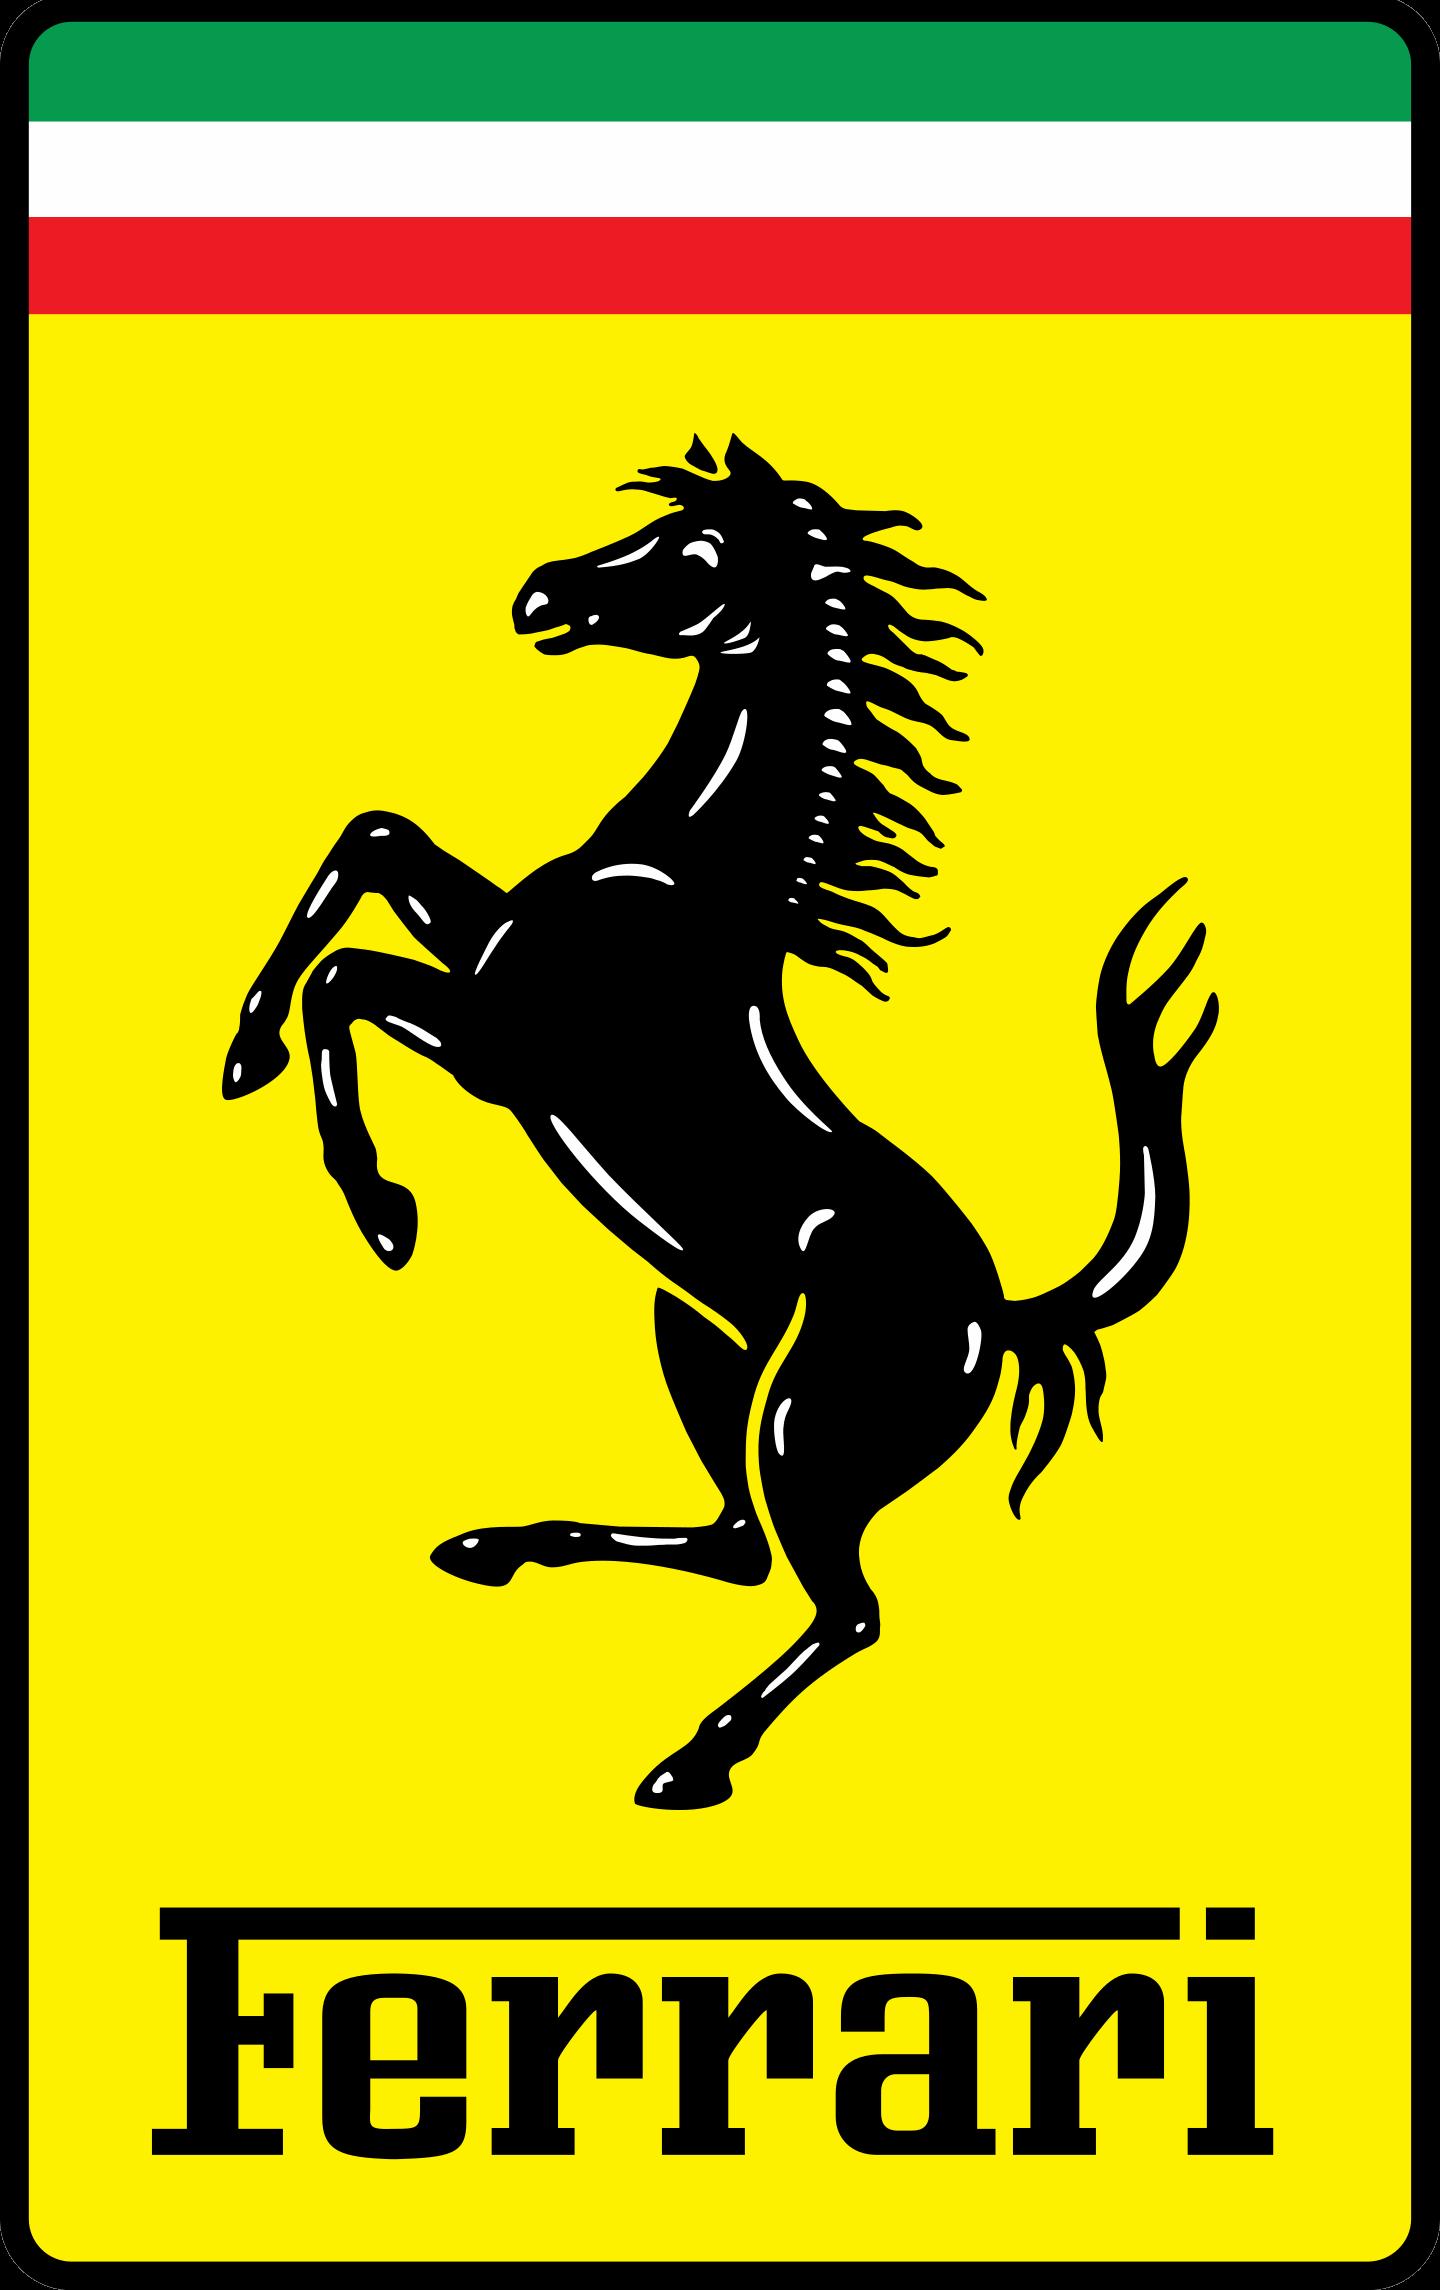 ferrari logo 2 1 - Ferrari Logo